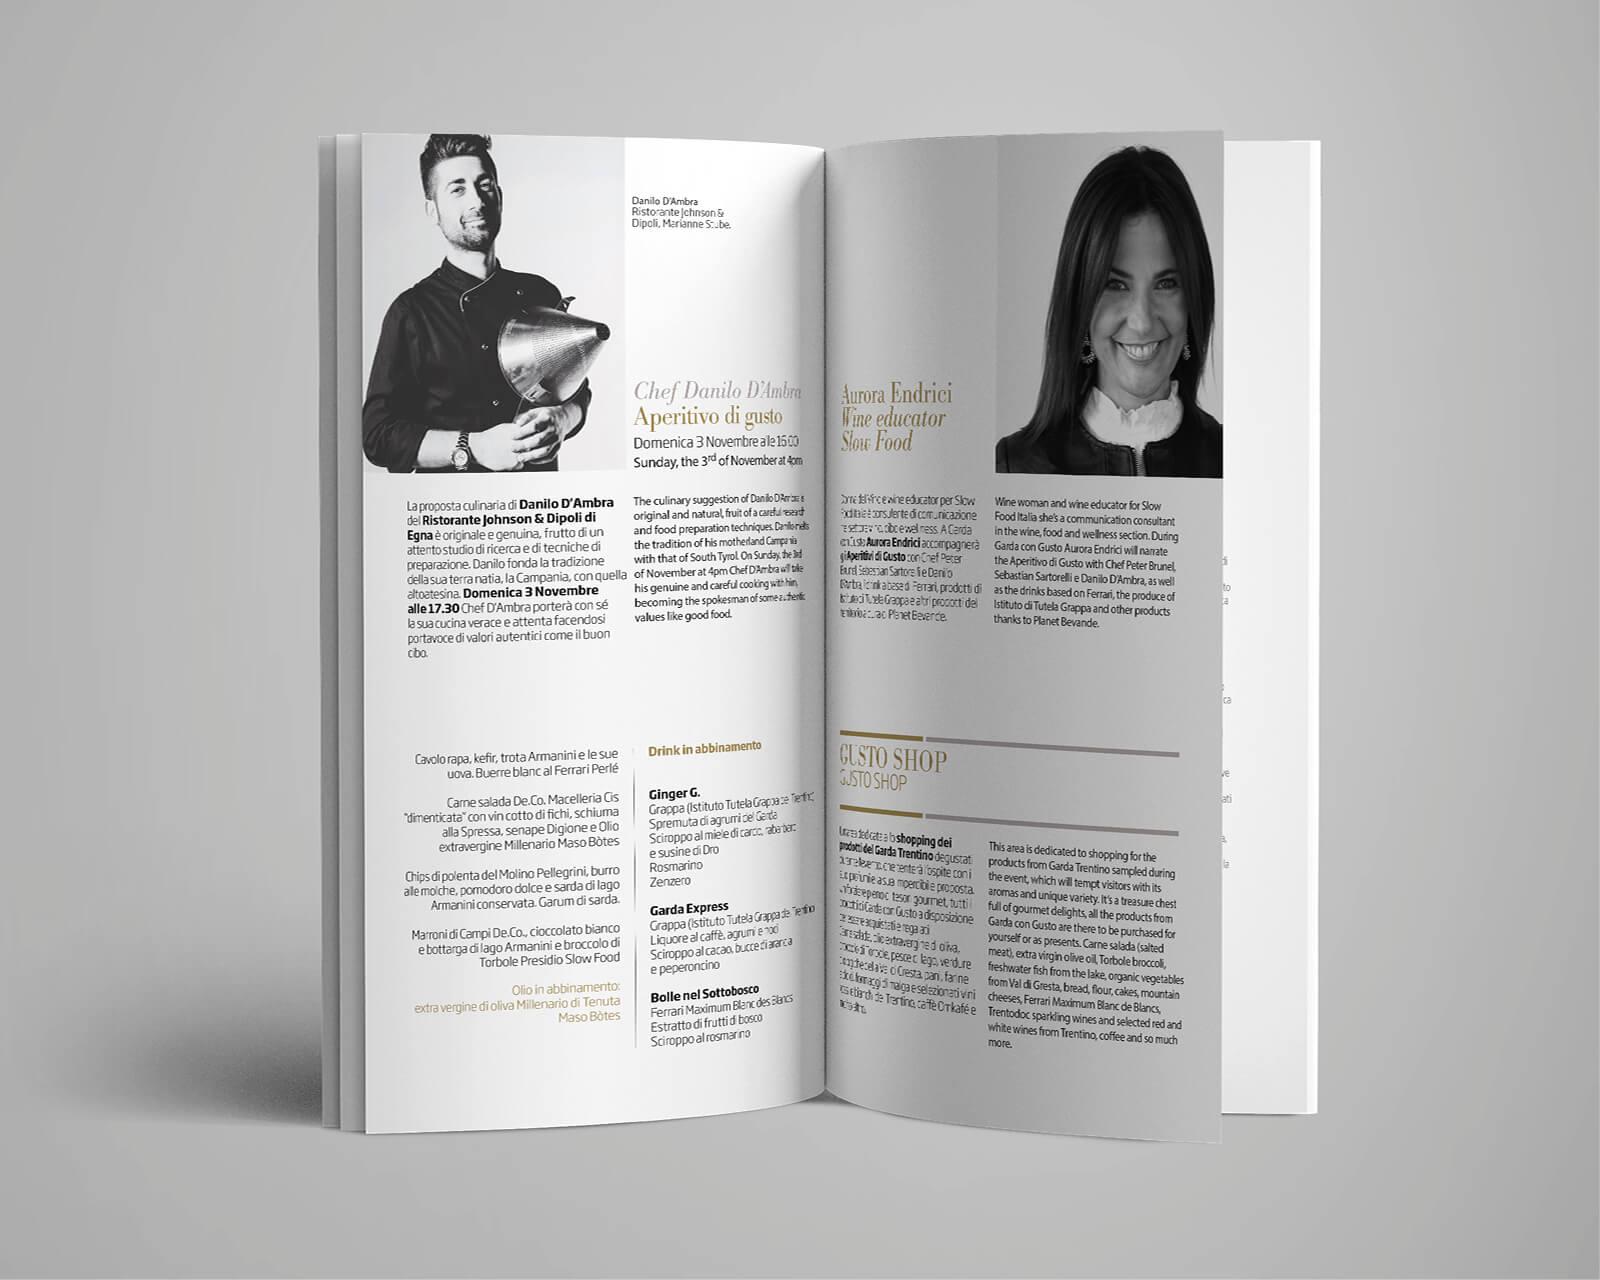 pagine interne del depliant programma garda con gusto, per promuovere gli eventi della rassegna, progetto grafico della brochure e dell'immagine coordinata a cura della agenzia grafica diade arco di trento